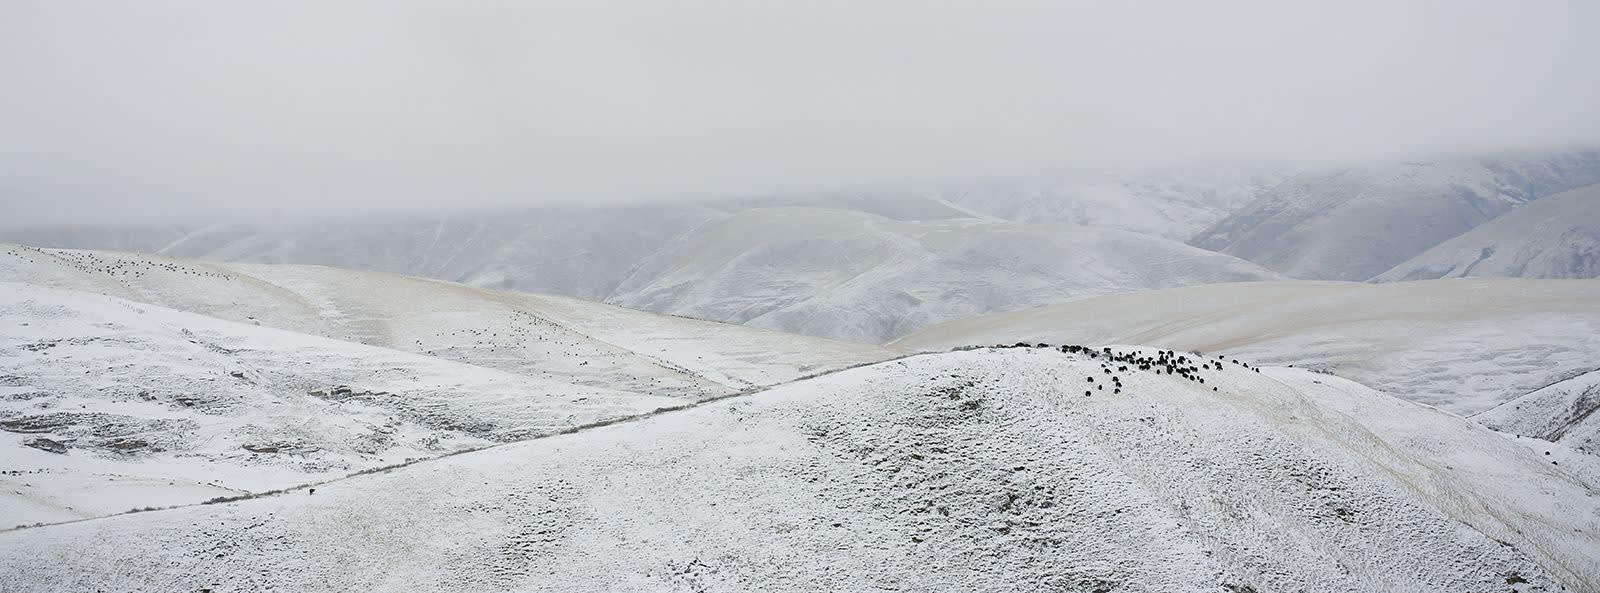 Matjaž Krivic, Derge, Tibet , 2002 – 2006